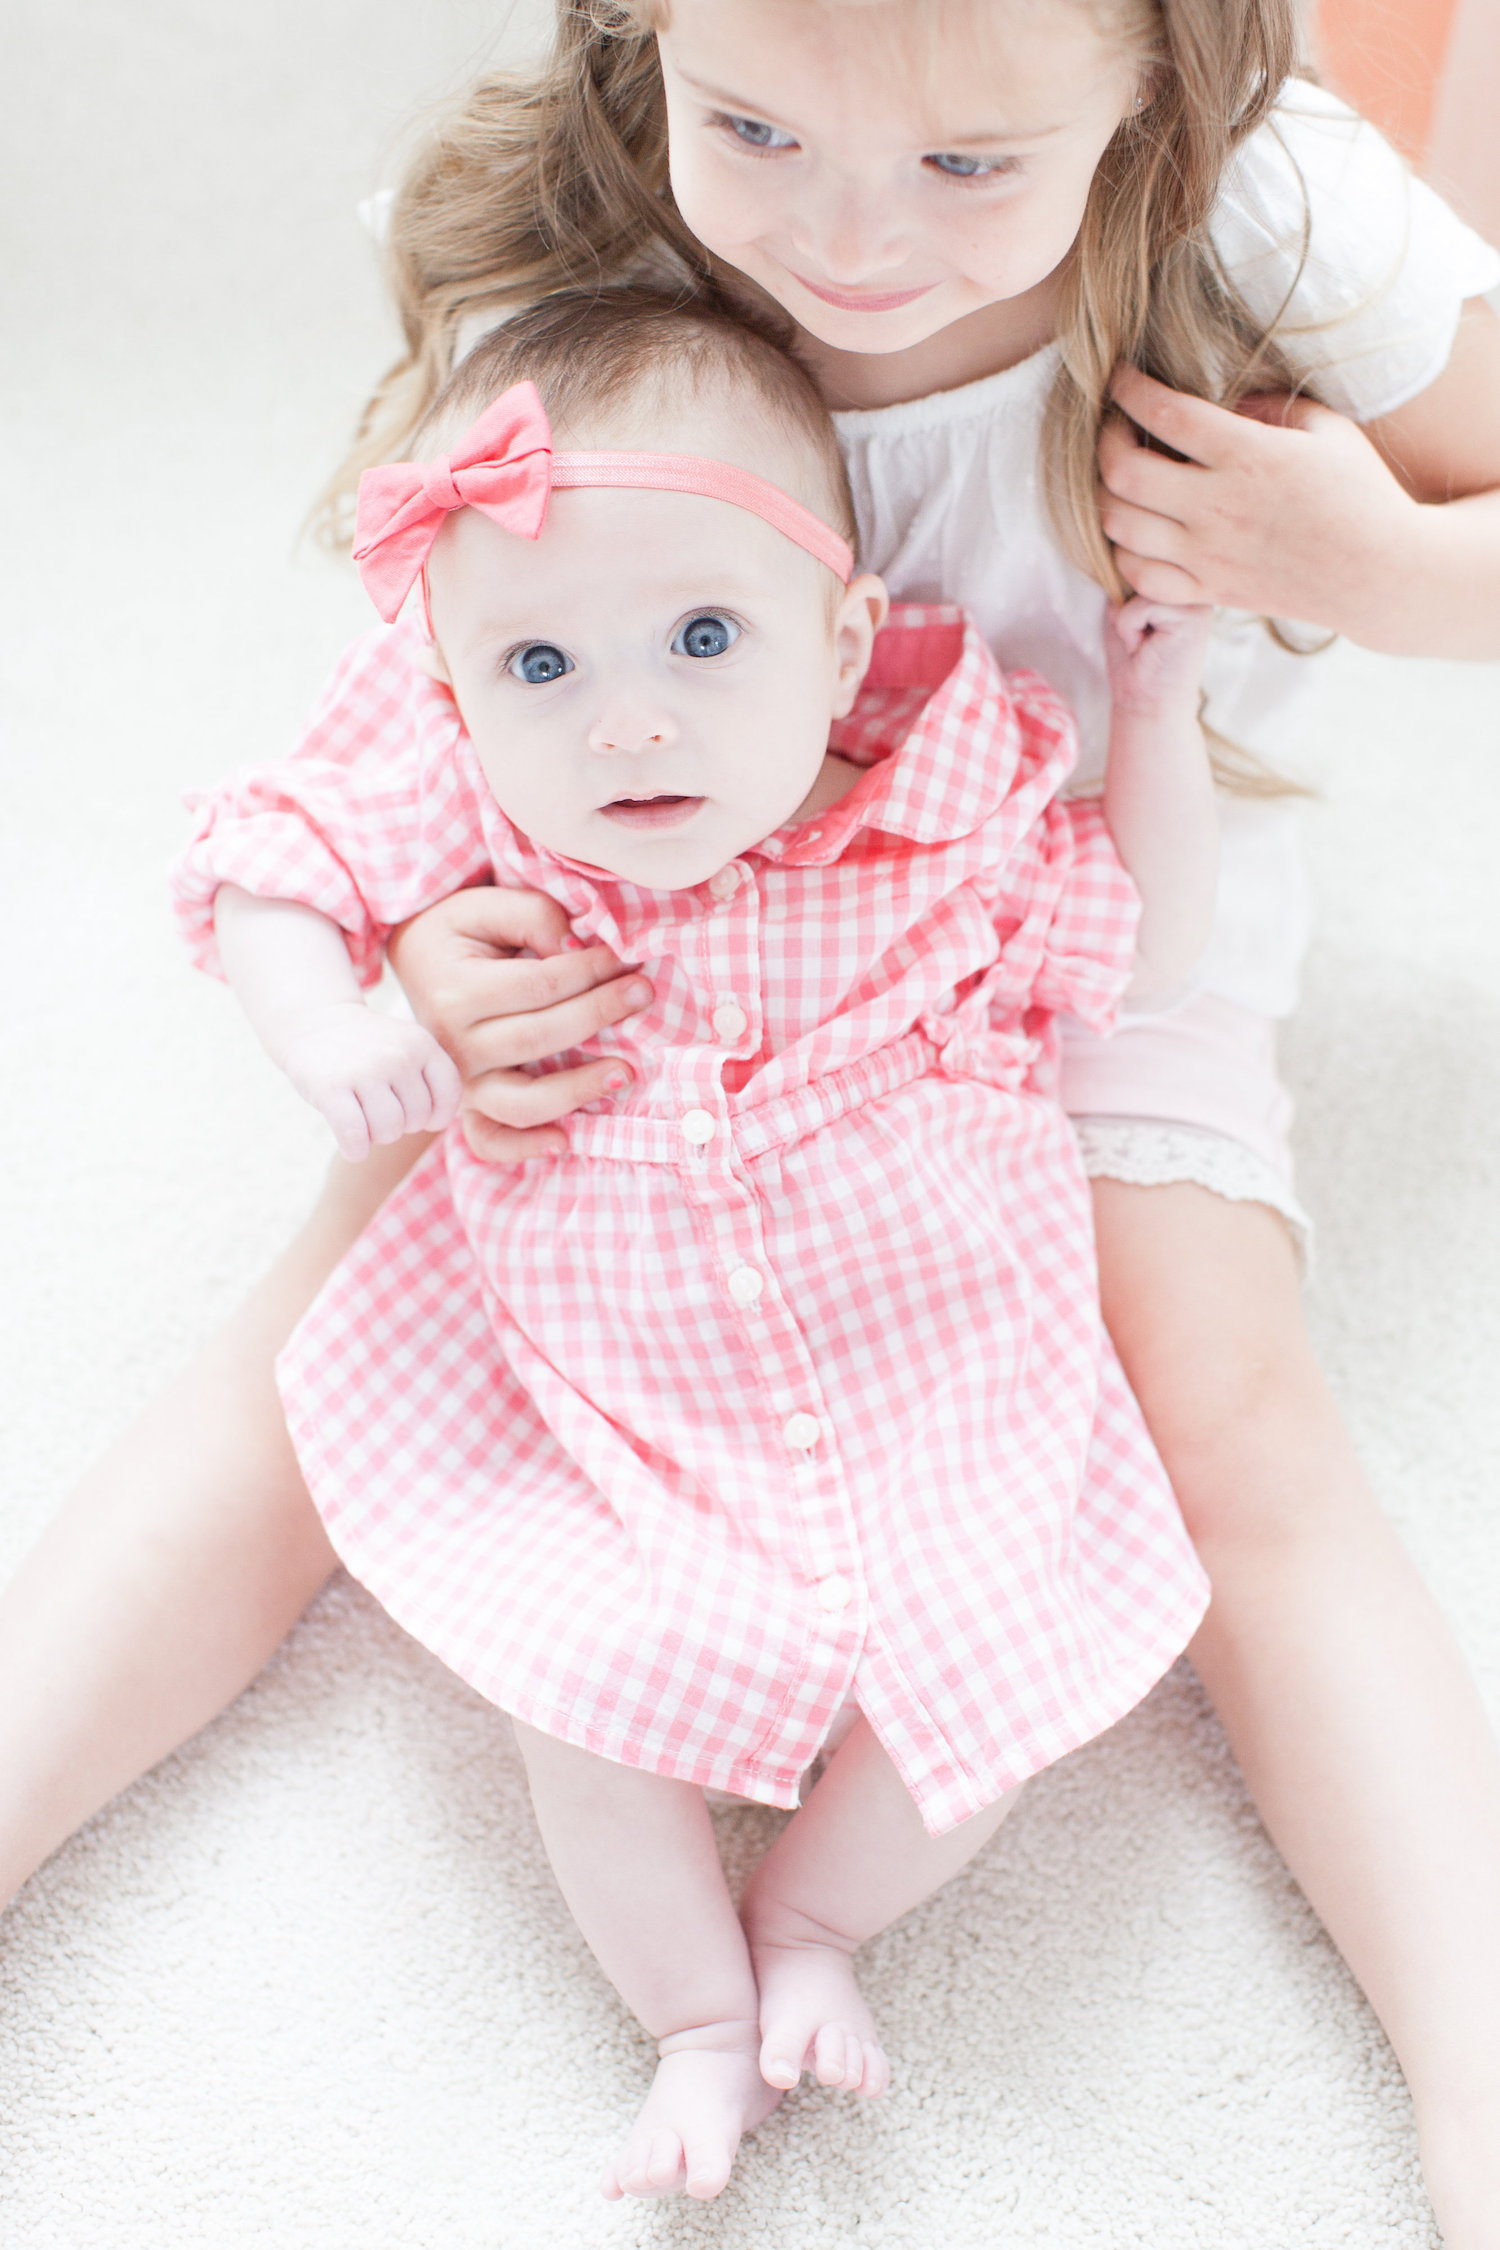 H&M Kids Spring Fashion Monika Hibbs baby girl gingham dress